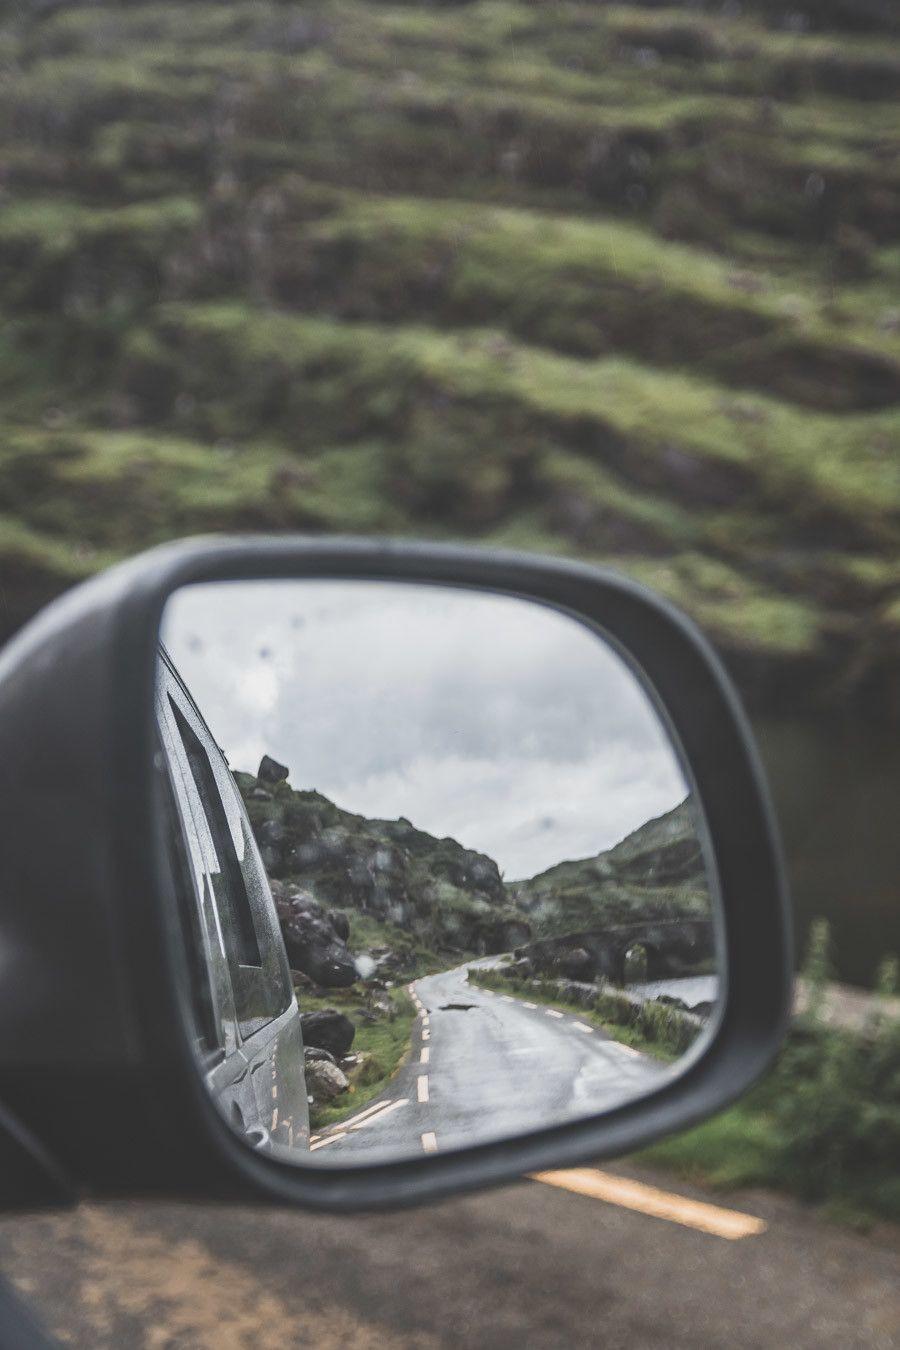 Toujours regarder dans son retro lors d'un road trip